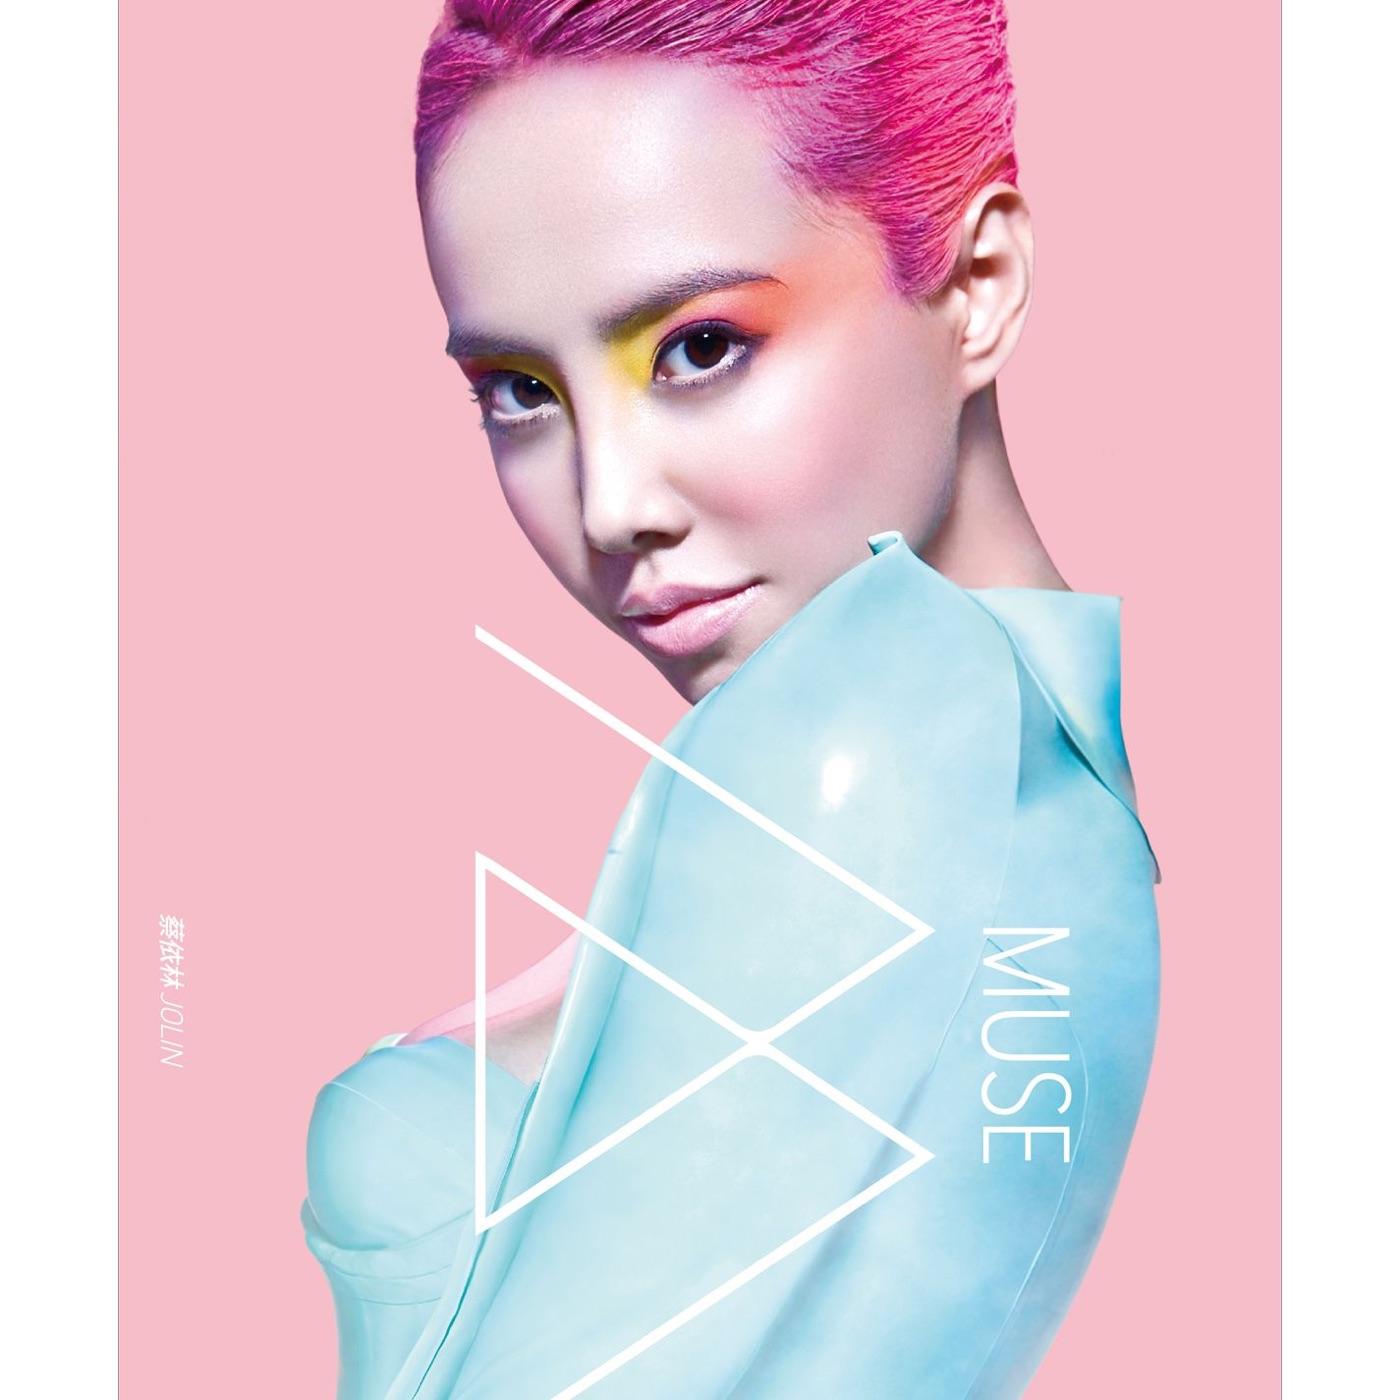 蔡依林 – Muse – iTunes分享店